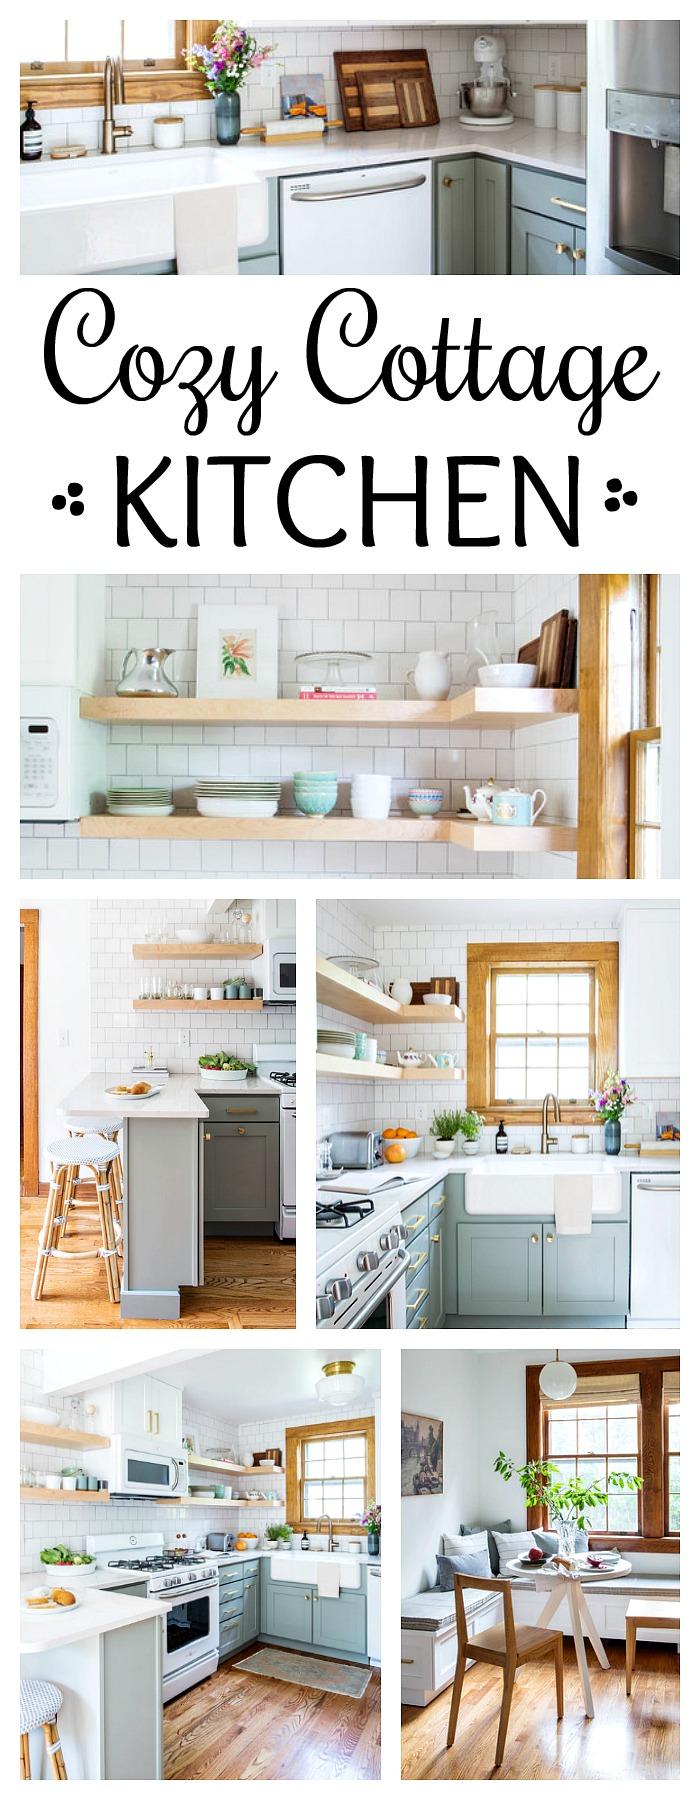 Cozy Cottage Kitchen